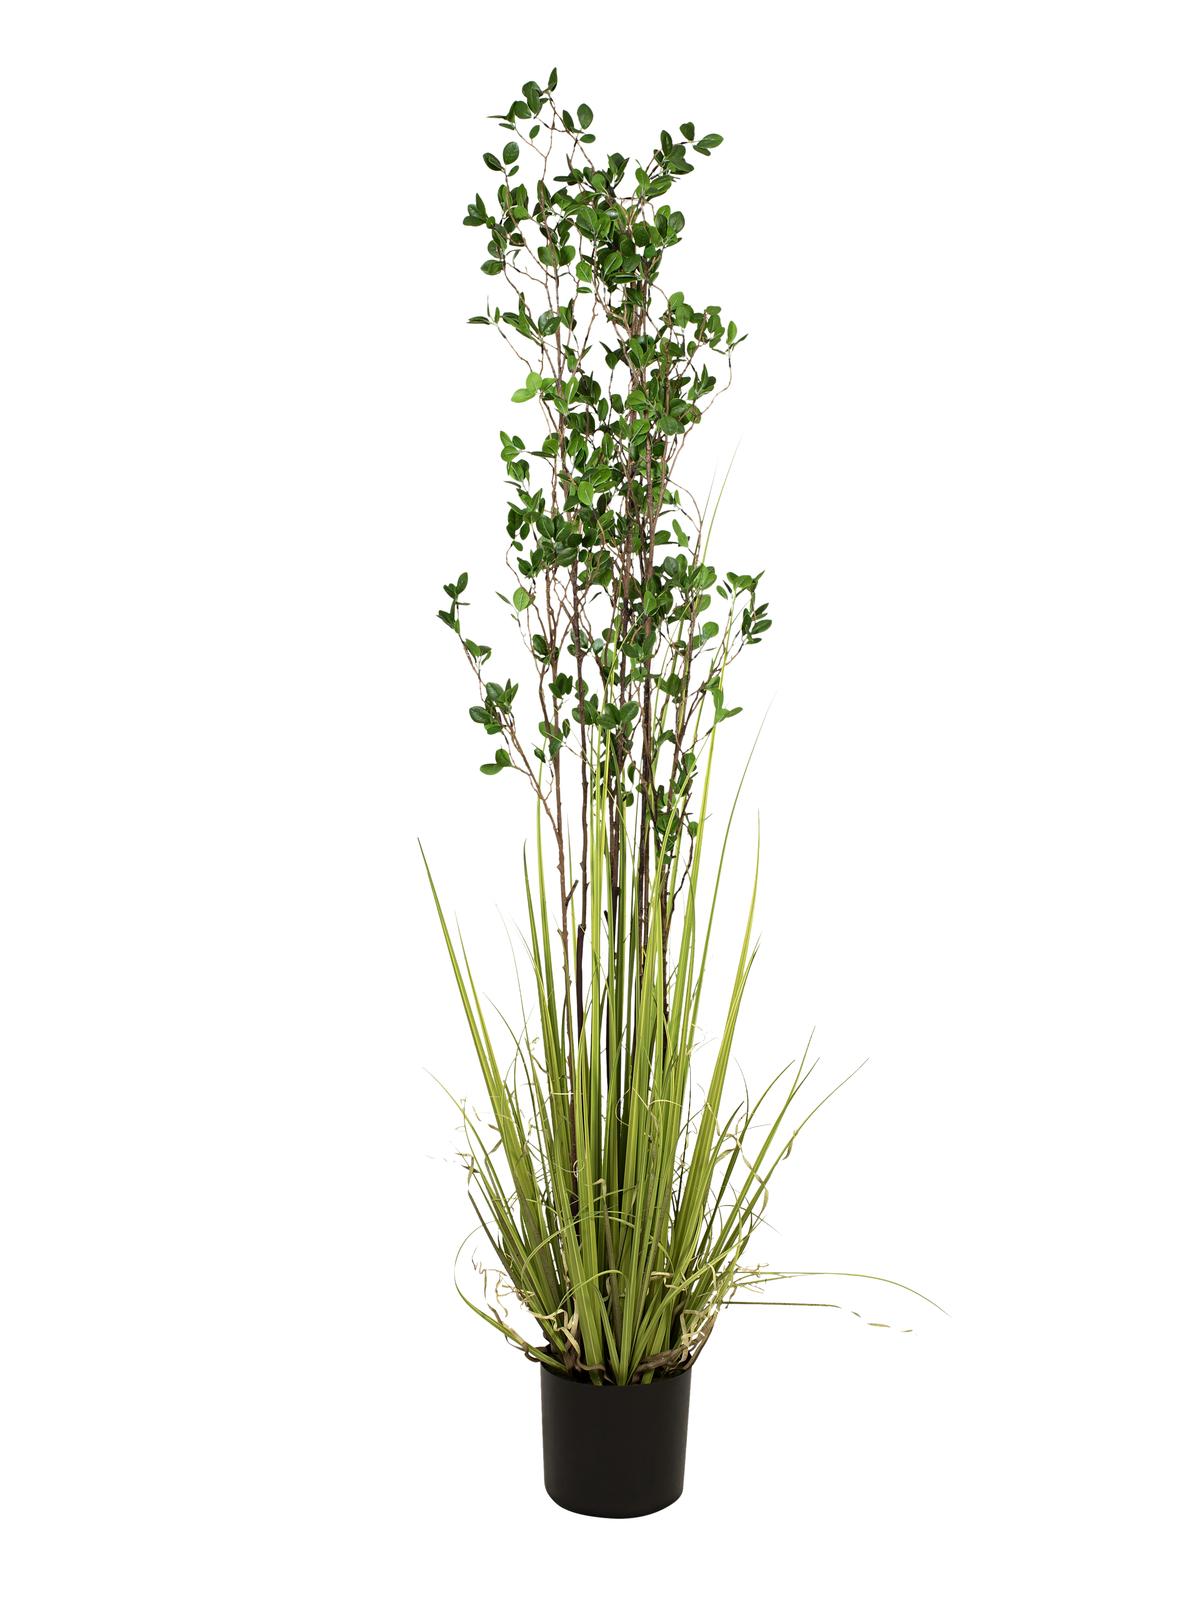 EUROPALMS Immergrünstrauch mit Gras, Kunstpflanze, 182 cm